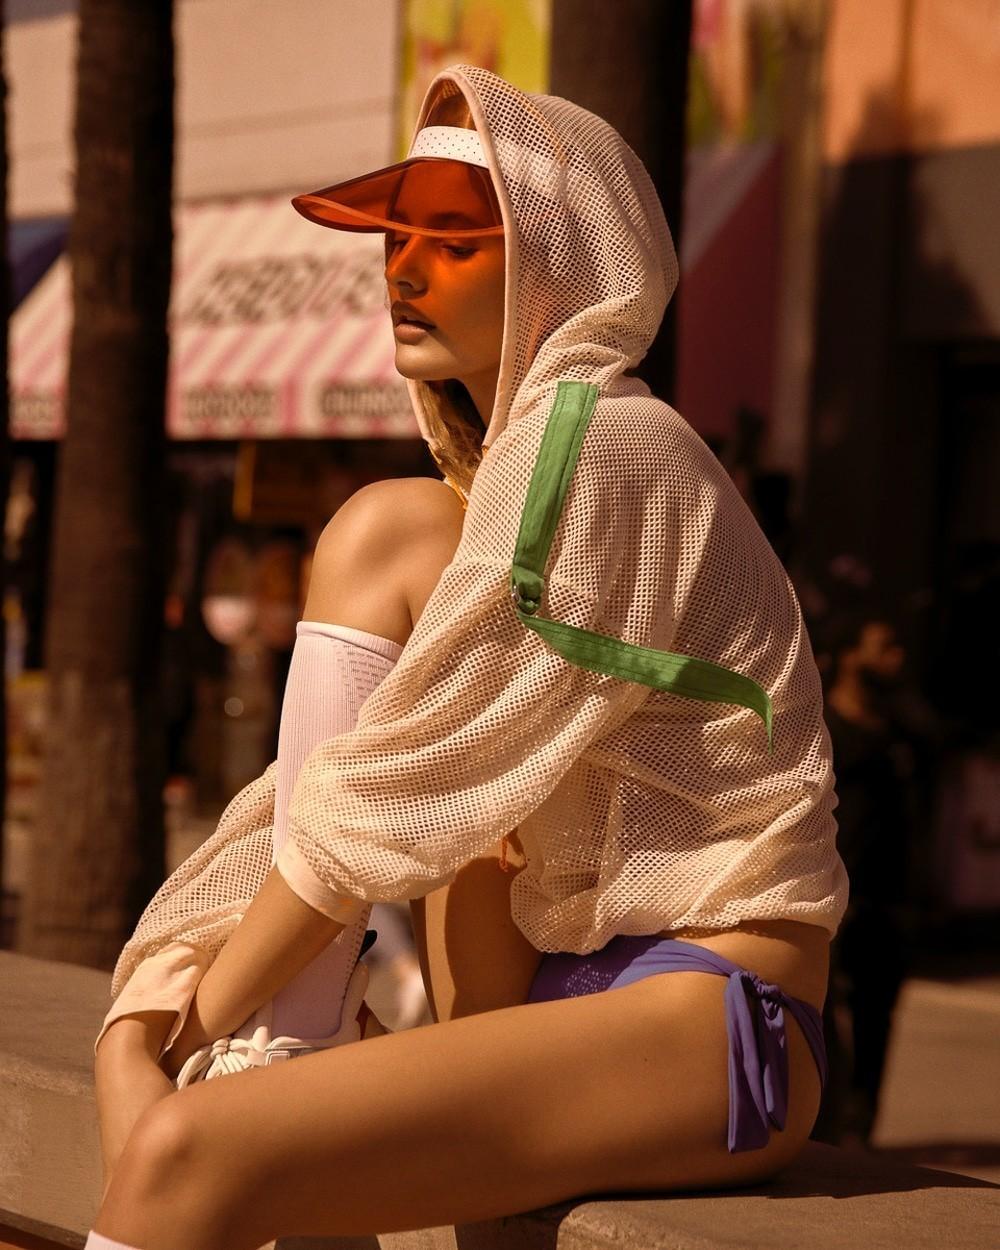 捷克版《时尚芭莎》2018-8月刊时尚大片 嫩模Paige Reifler 海边沙滩 时尚图库 第8张